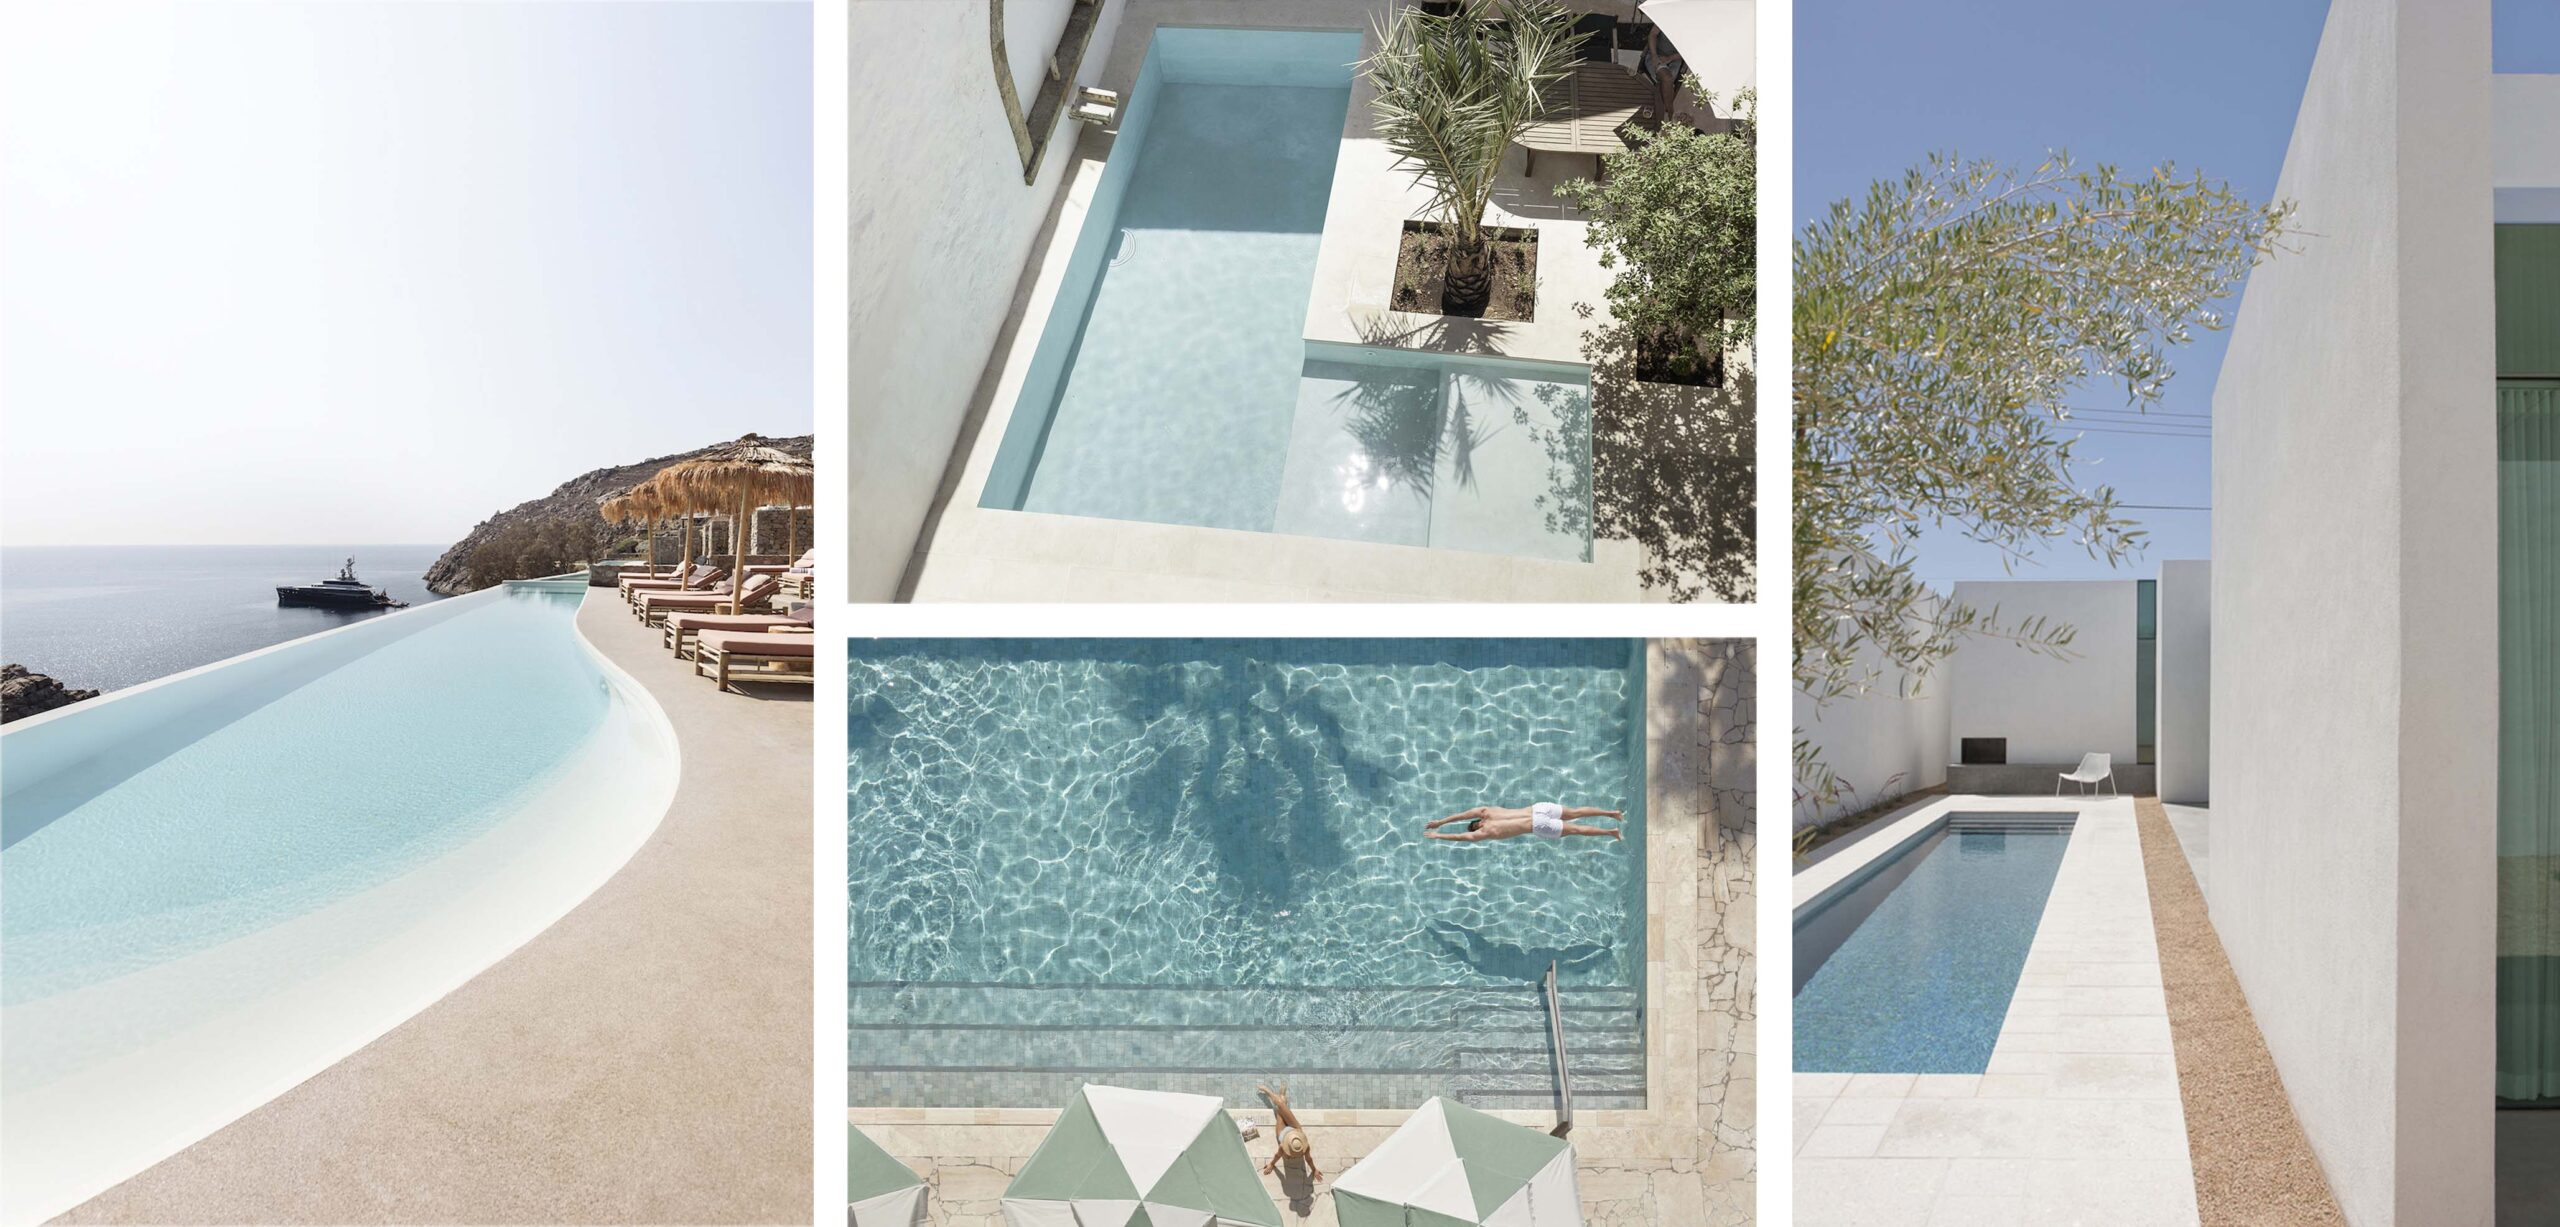 mały basen w ogrodzie